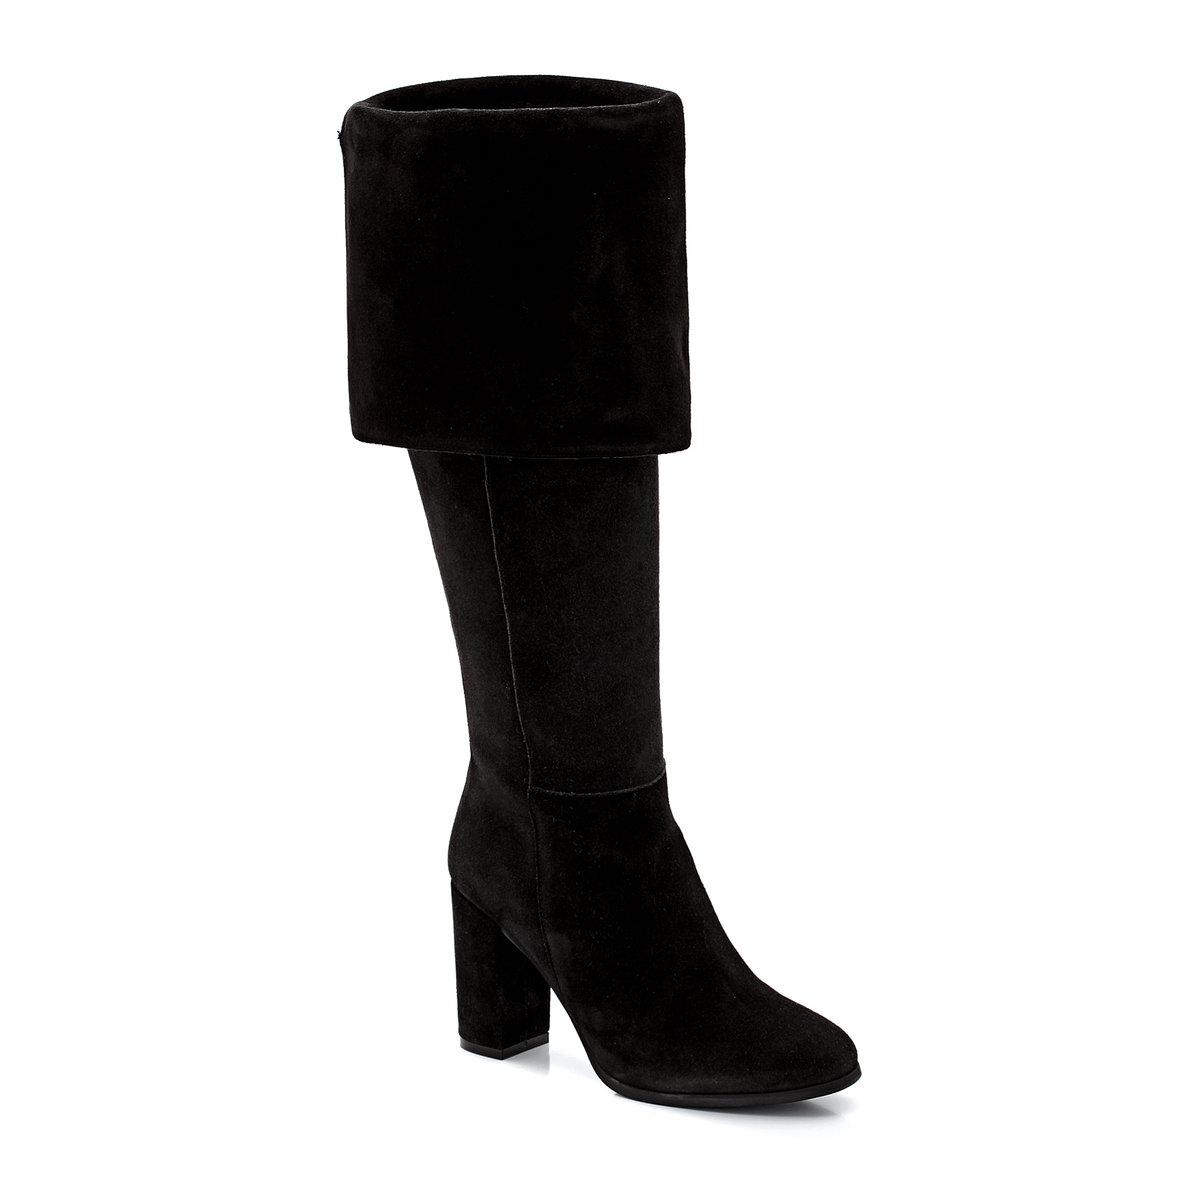 Сапоги-ботфорты на каблуке, из замши, на молнииОчень современные сапоги-ботфорты из великолепной замши, которые можно носить как с отворотом, так и без него, что подчеркнет: выгодным образом Ваш силуэт!<br><br>Цвет: серый<br>Размер: 40